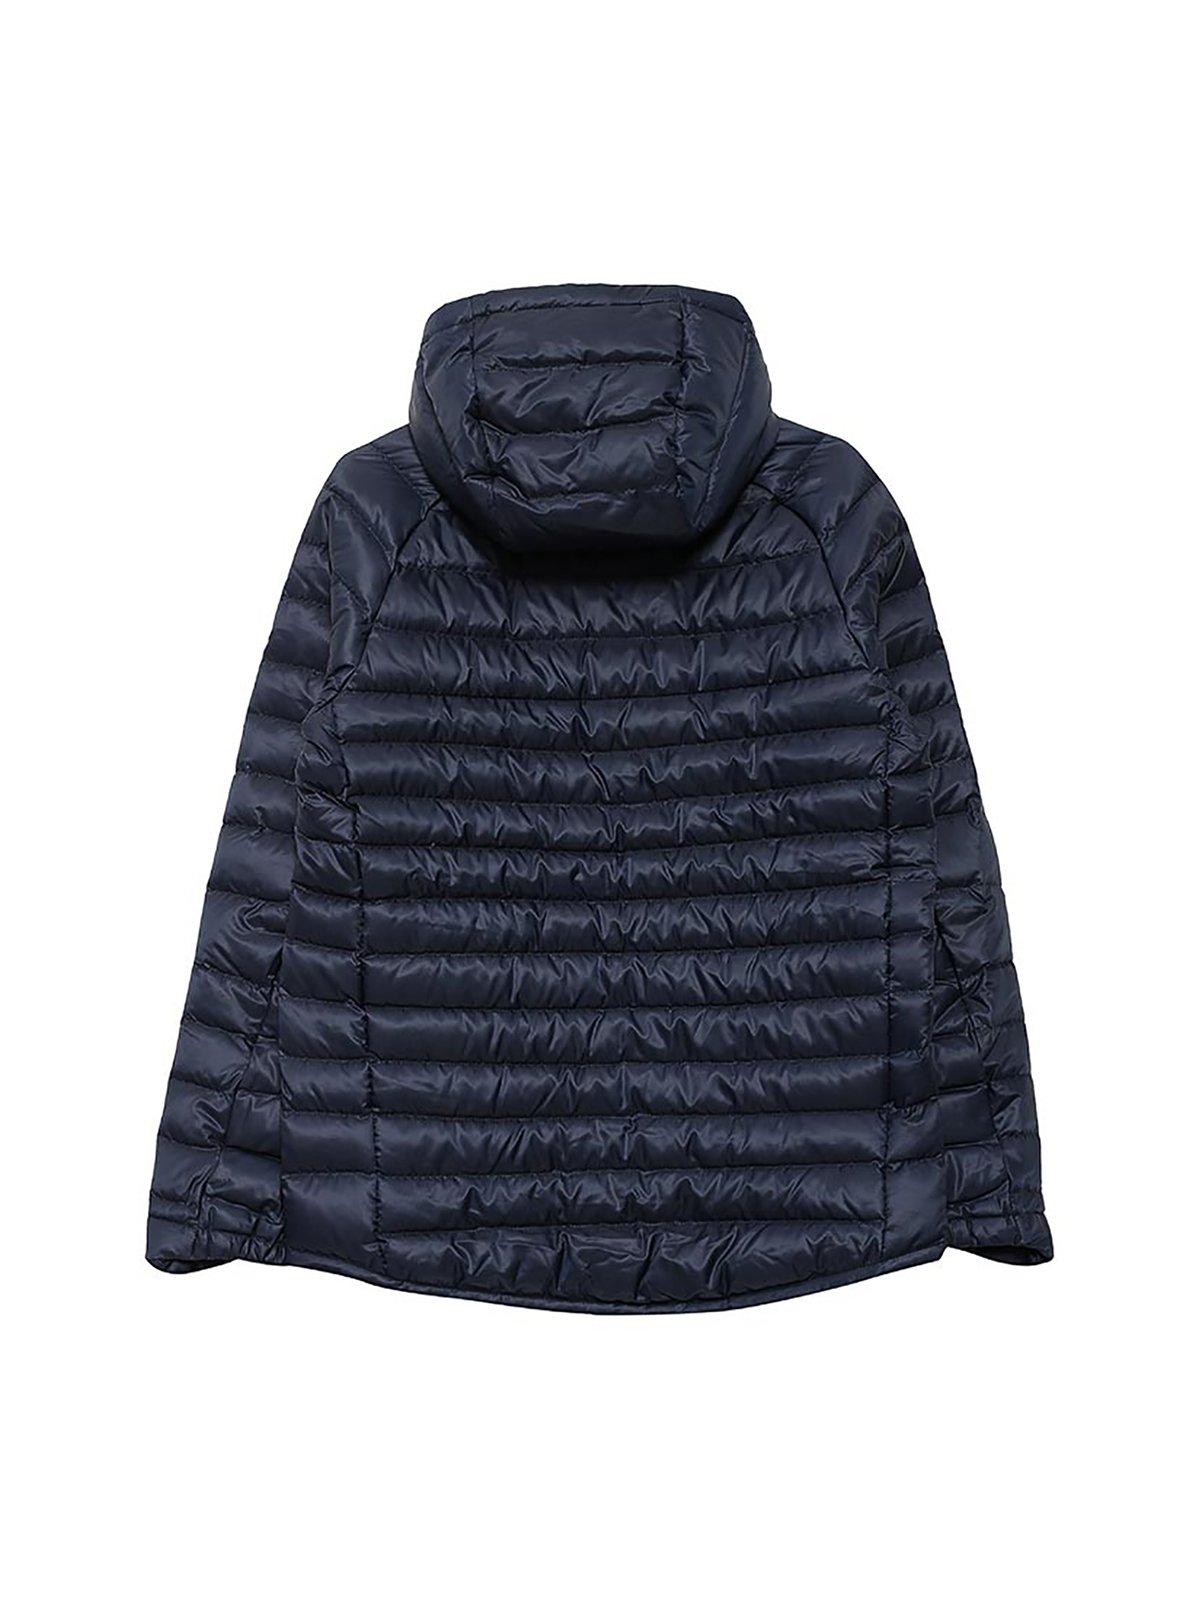 Куртка синяя | 3343132 | фото 3